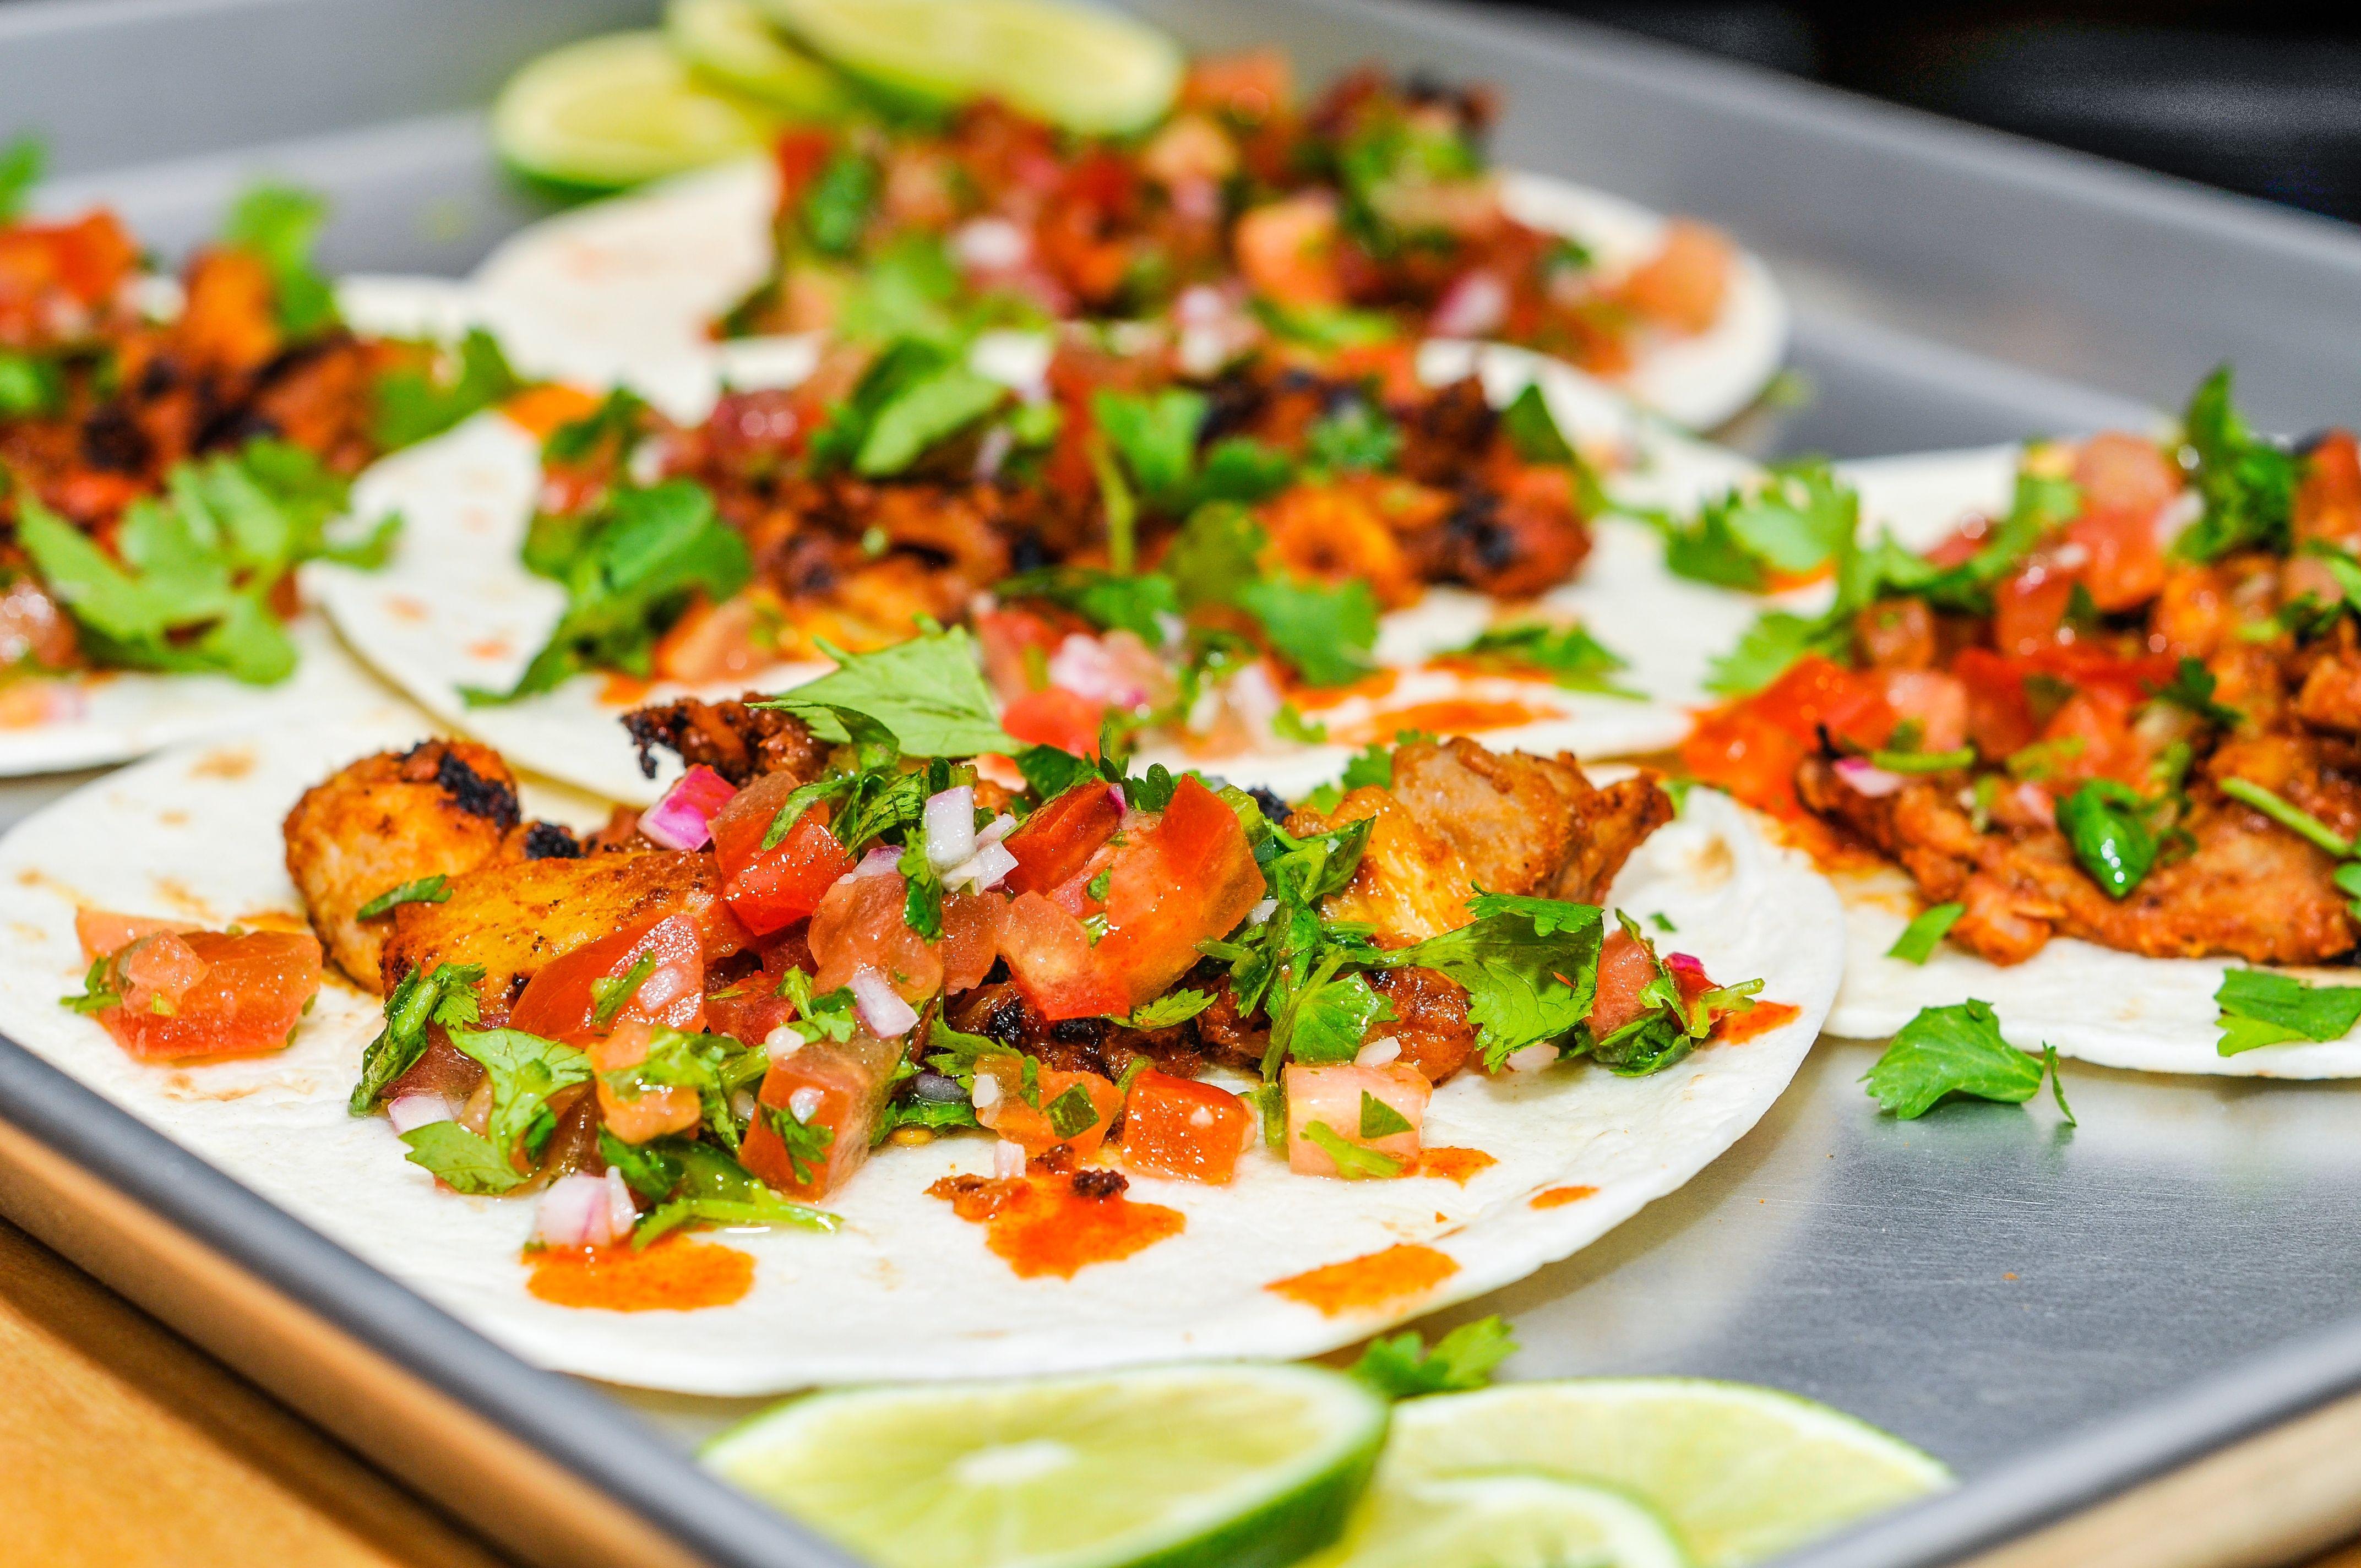 Mexique Decouverte Com Vous Fait Decouvrir La Cuisine Mexicaine